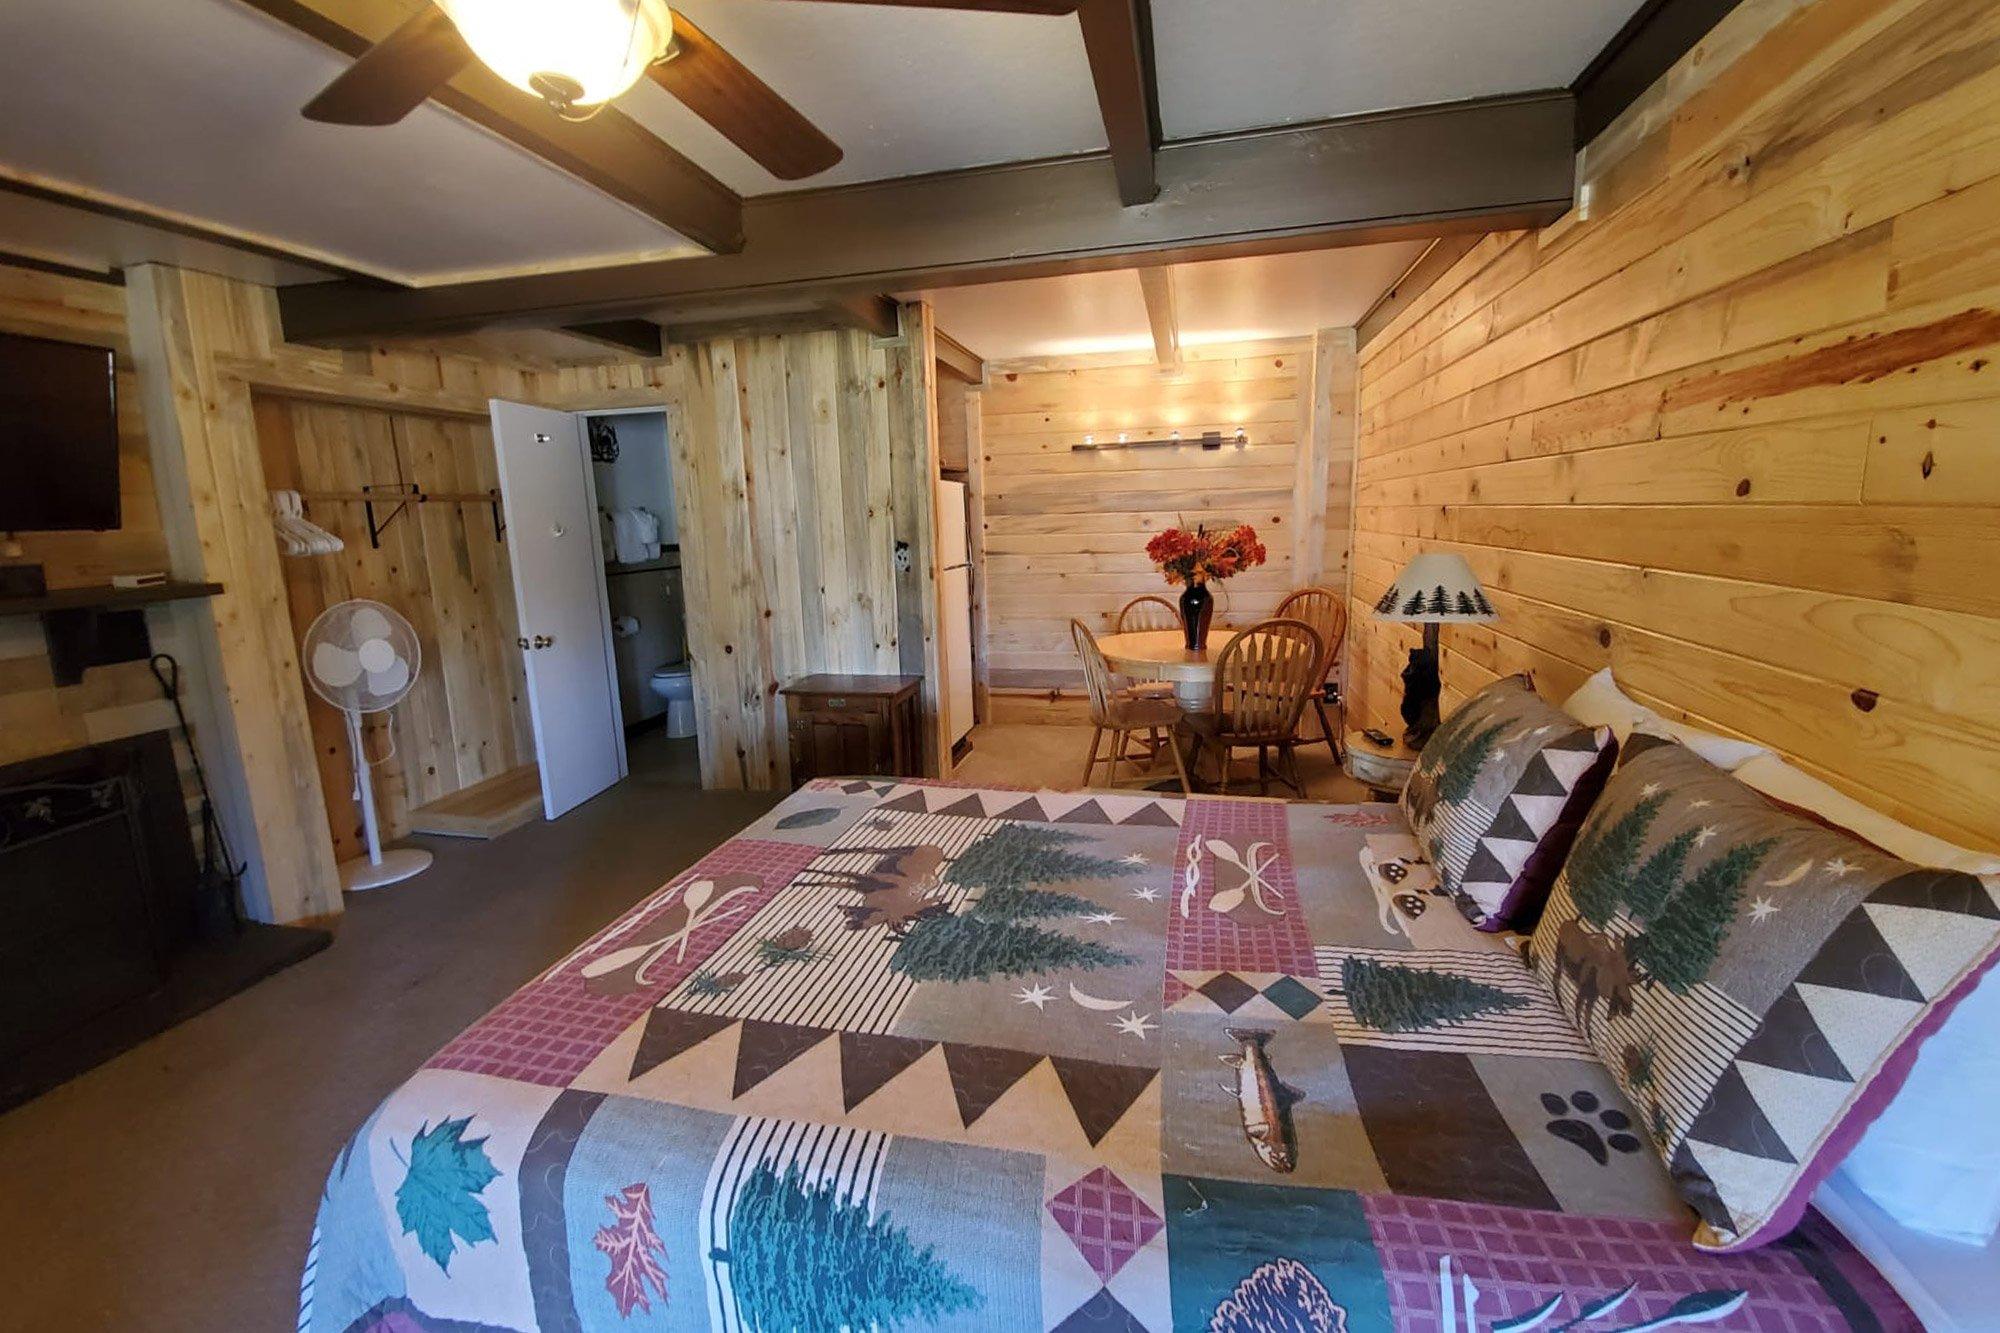 Estes Lake Lodge Lakeside Moose Lodge photo coming soon